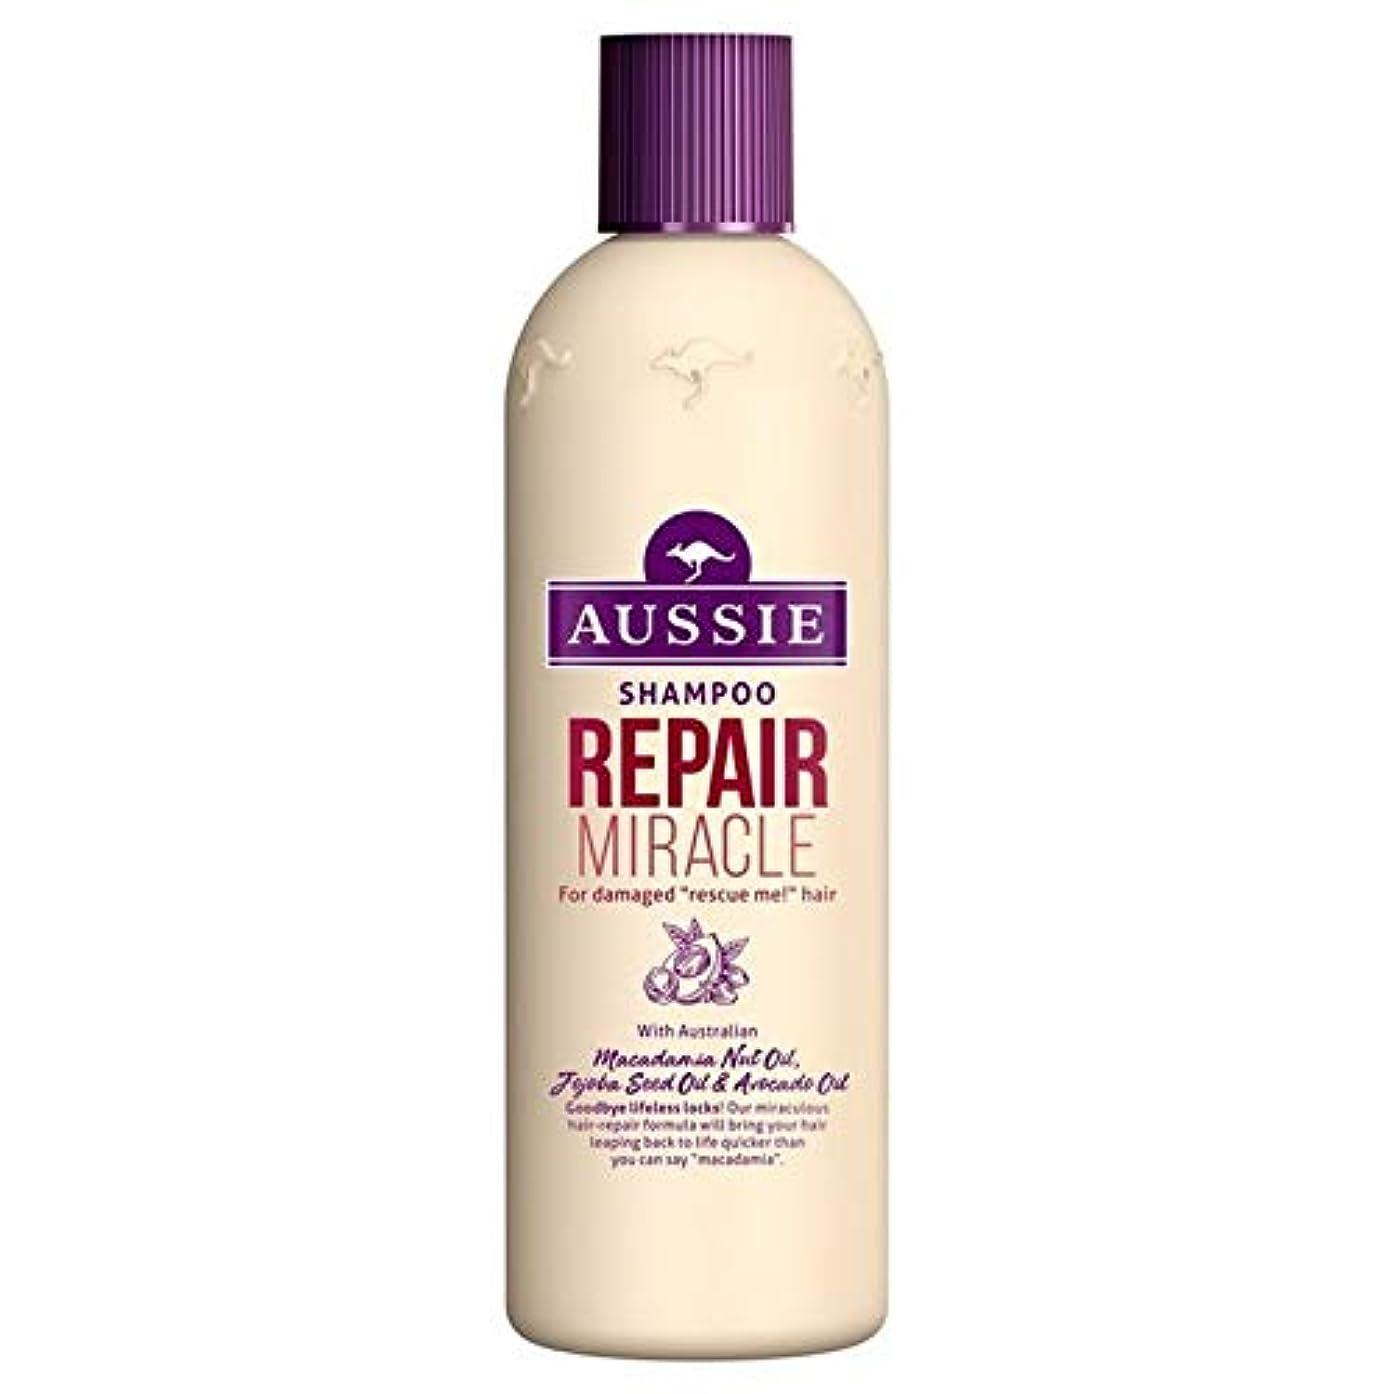 方程式のれん引き出す[Aussie ] いたずらな髪の300ミリリットルのすべての種類のオージーシャンプーの修理の奇跡 - Aussie Shampoo Repair Miracle for All Kinds of Naughty Hair 300ml [並行輸入品]